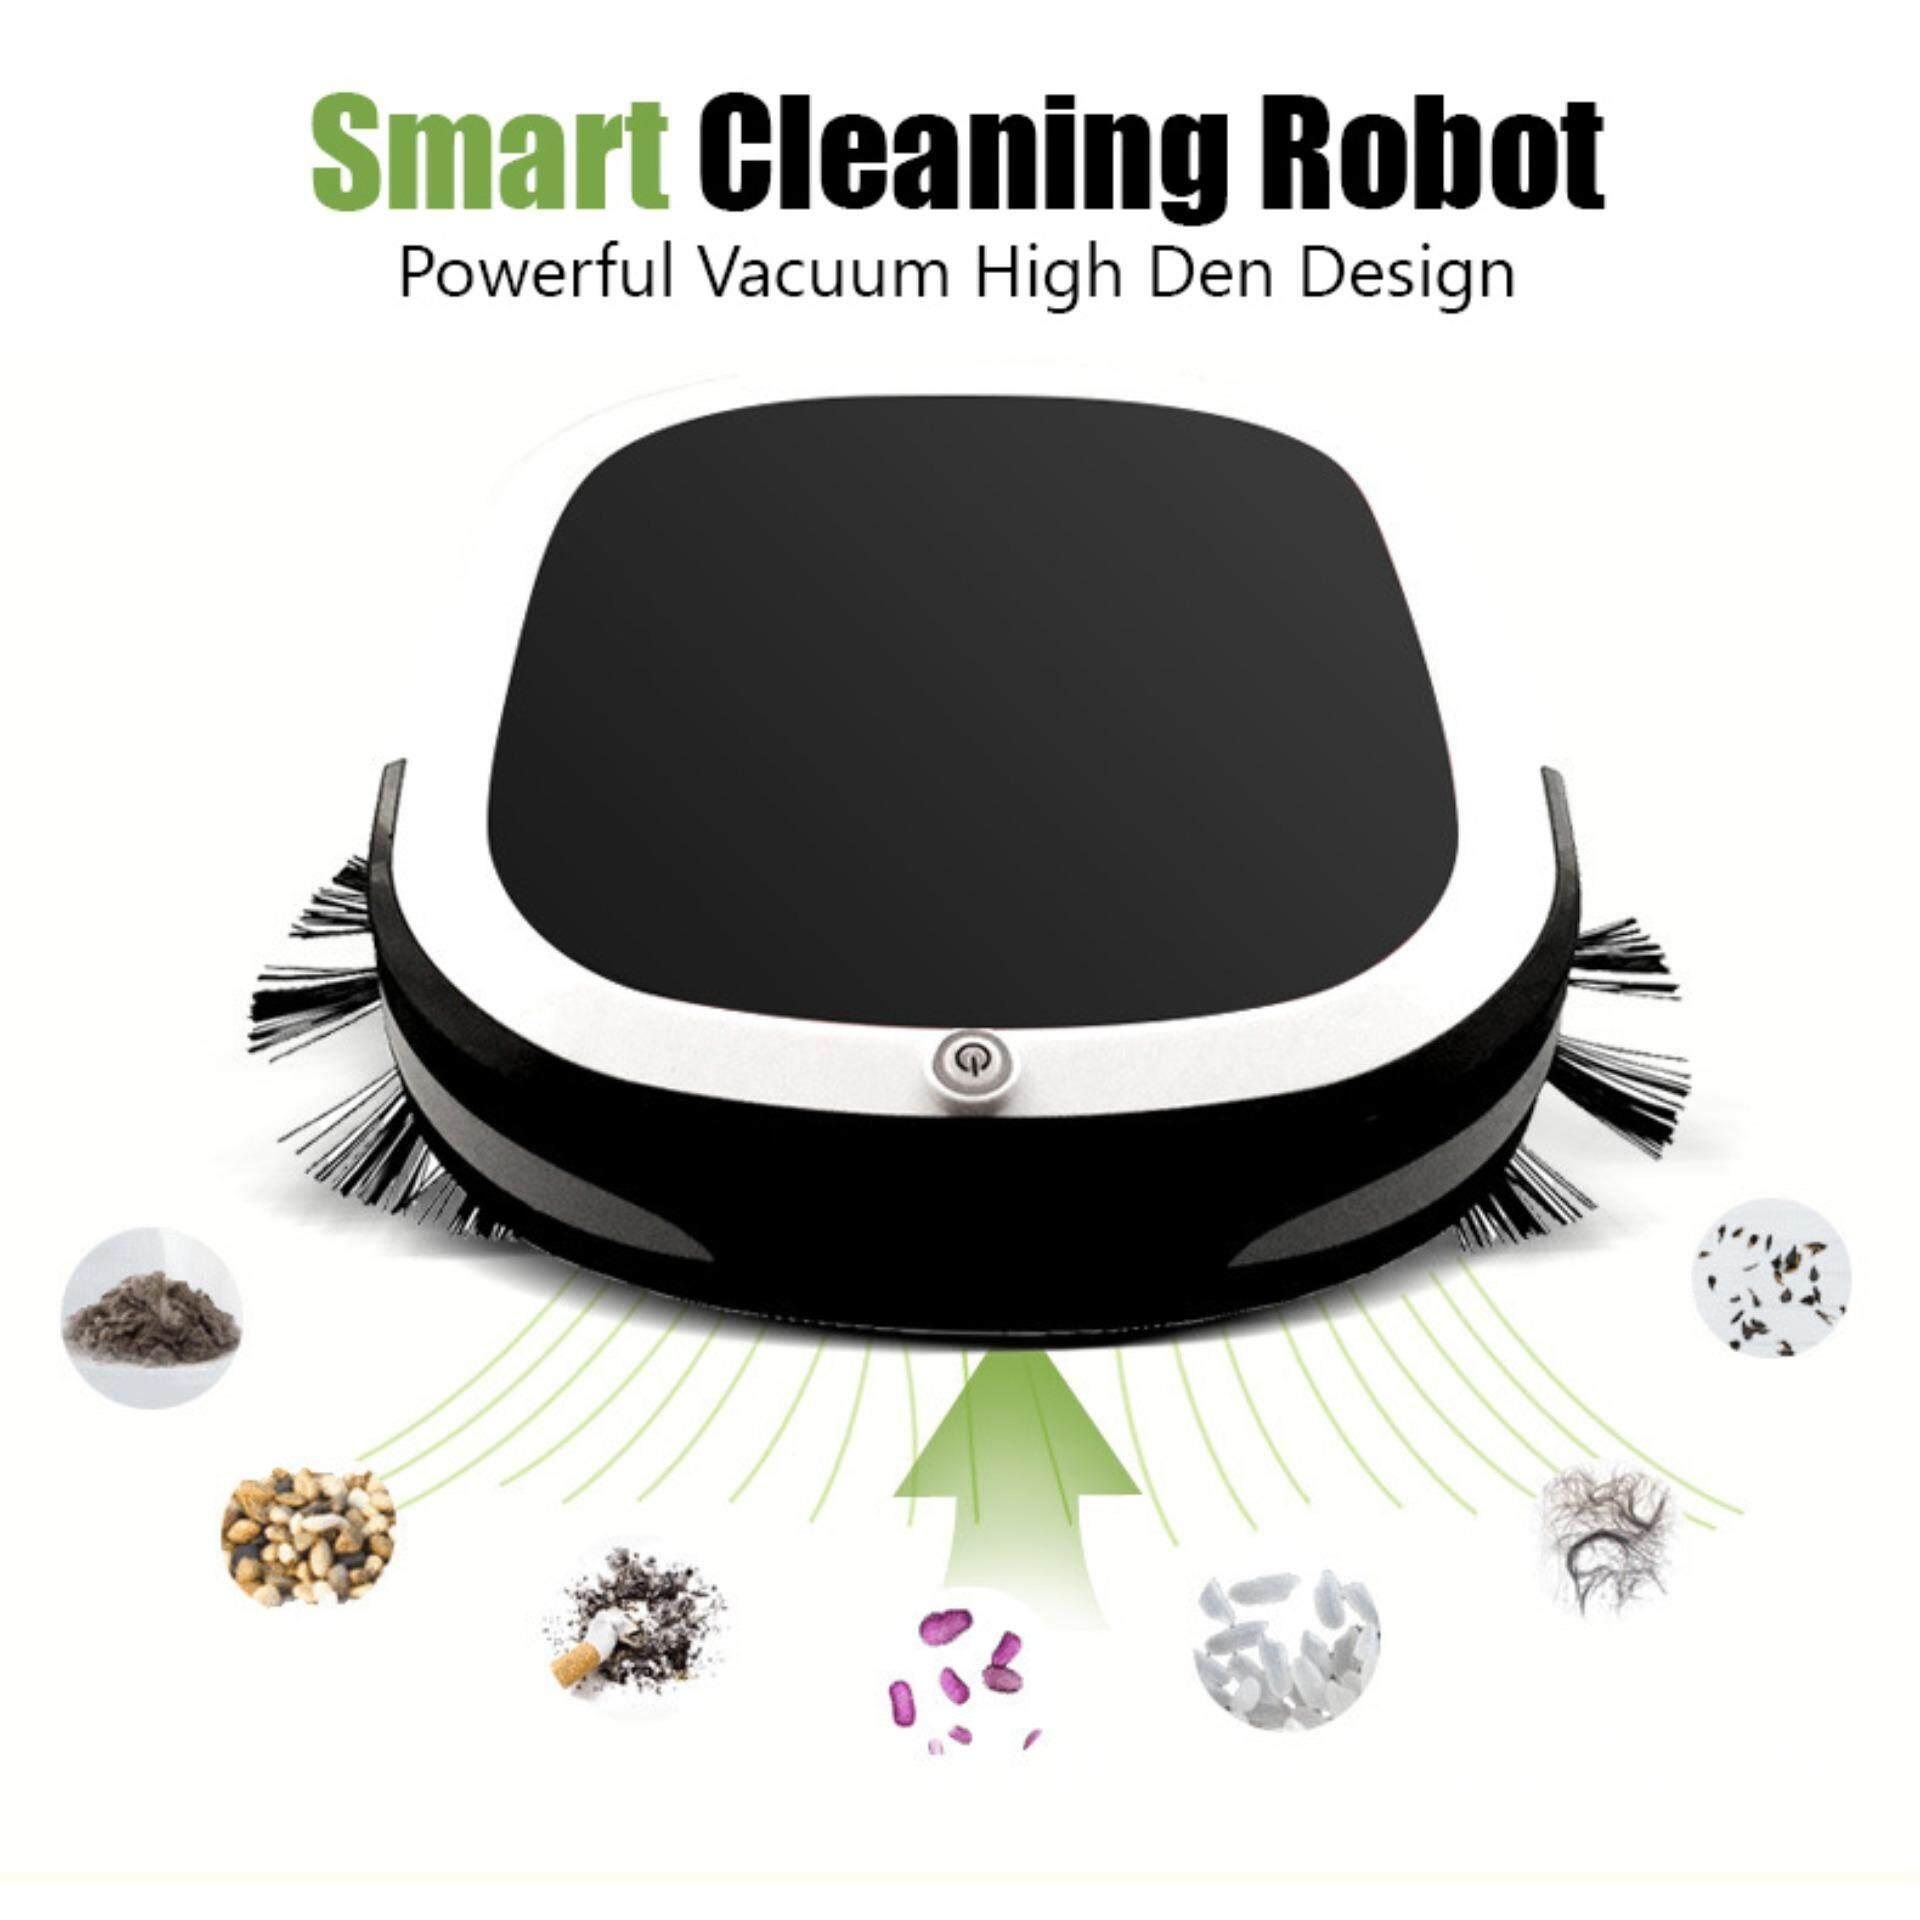 มาใหม่ล่าสุด YOYOCAM เครื่องดูด หุ่นยนต์ ดูดฝุ่น ถูพื้น อัตโนมัติRobot Vacuum Cleaner + 2 PCS  ผ้าถู (สีดำ) คูปองส่วนลด 2019